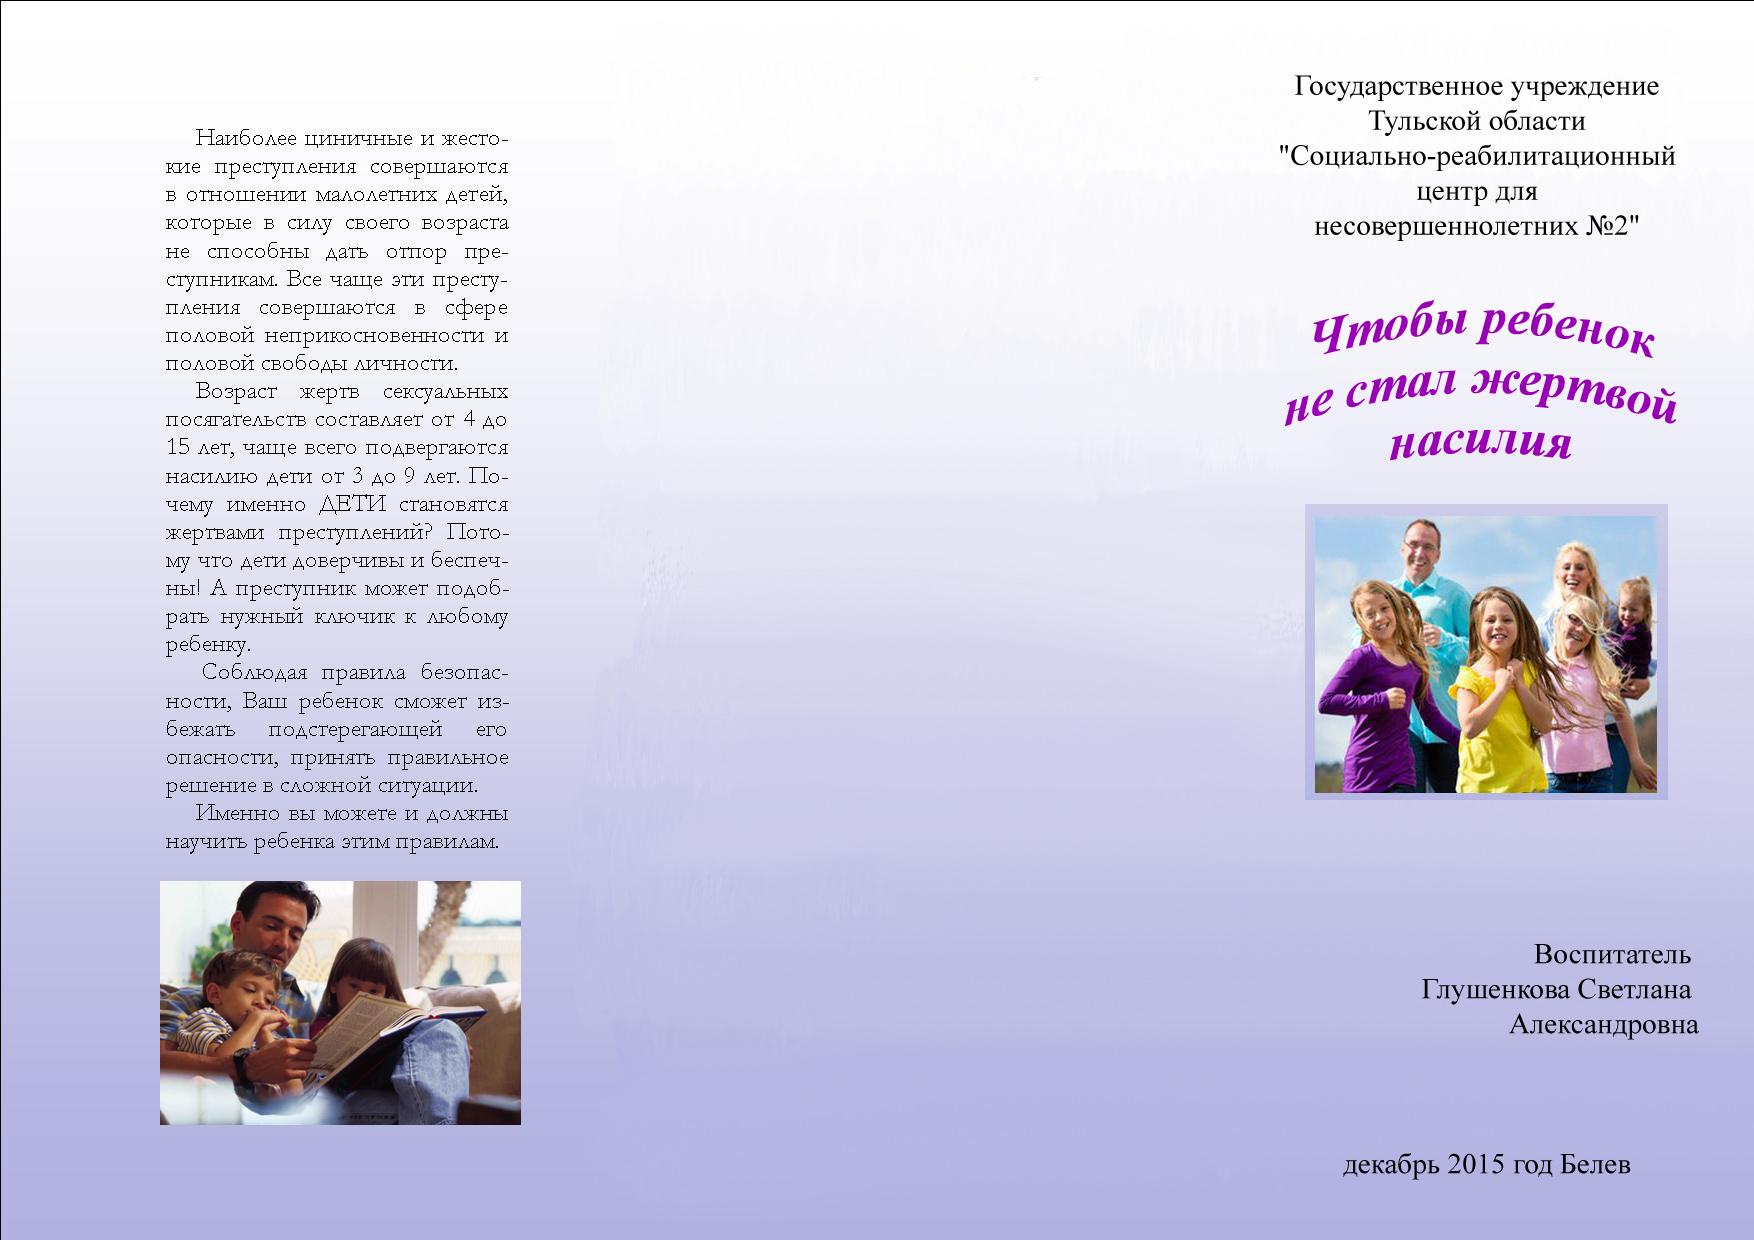 C:\Users\Anna\Desktop\брошюры нов\Чтобы ребенок не стал жертвой насилия, 1 часть\111111.jpg